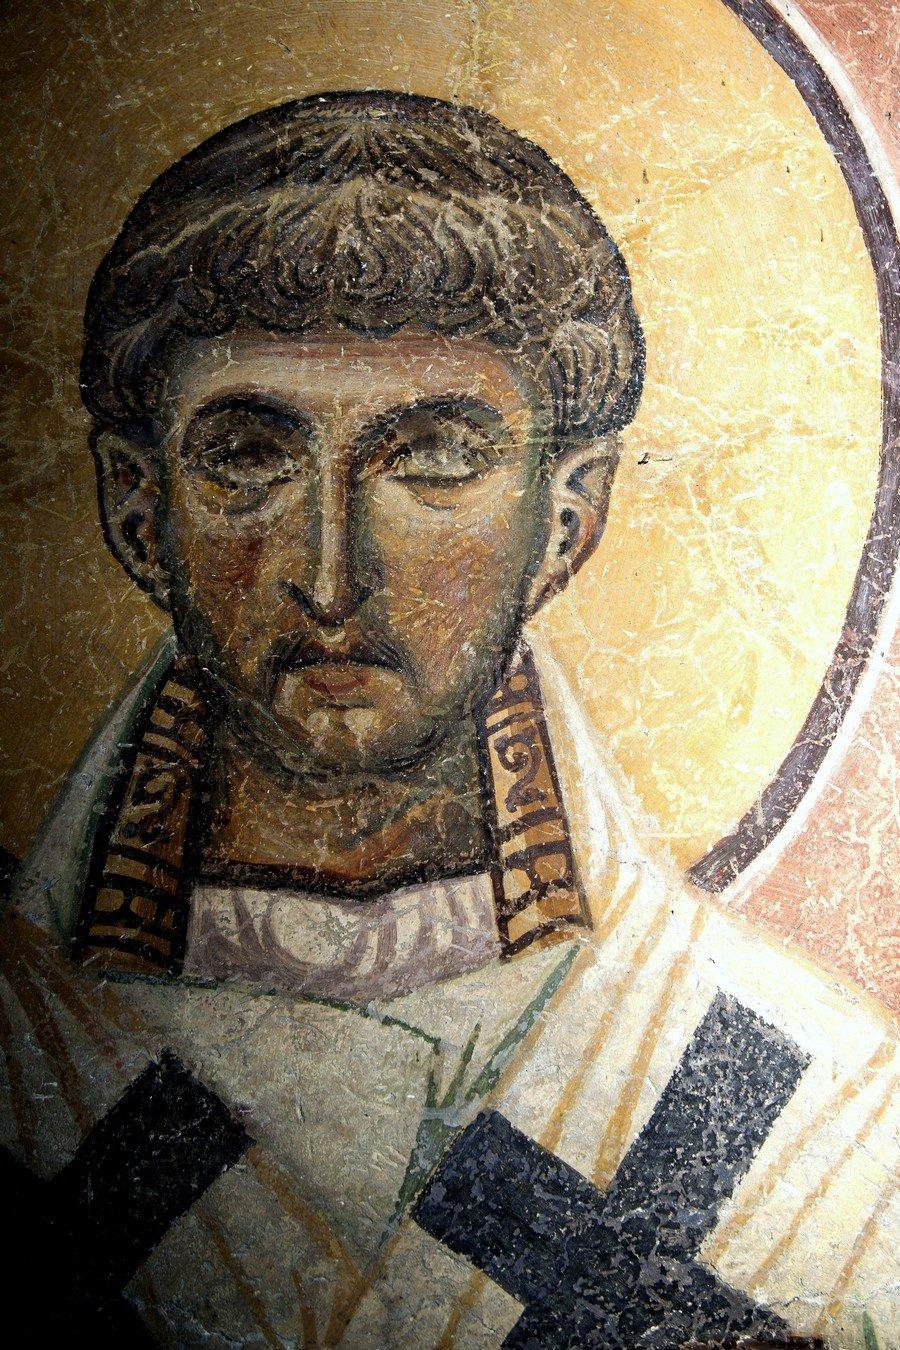 Священномученик Елевферий, Епископ Иллирийский. Фреска церкви Святого Пантелеимона в Нерези близ Скопье, Македония. 1164 год.